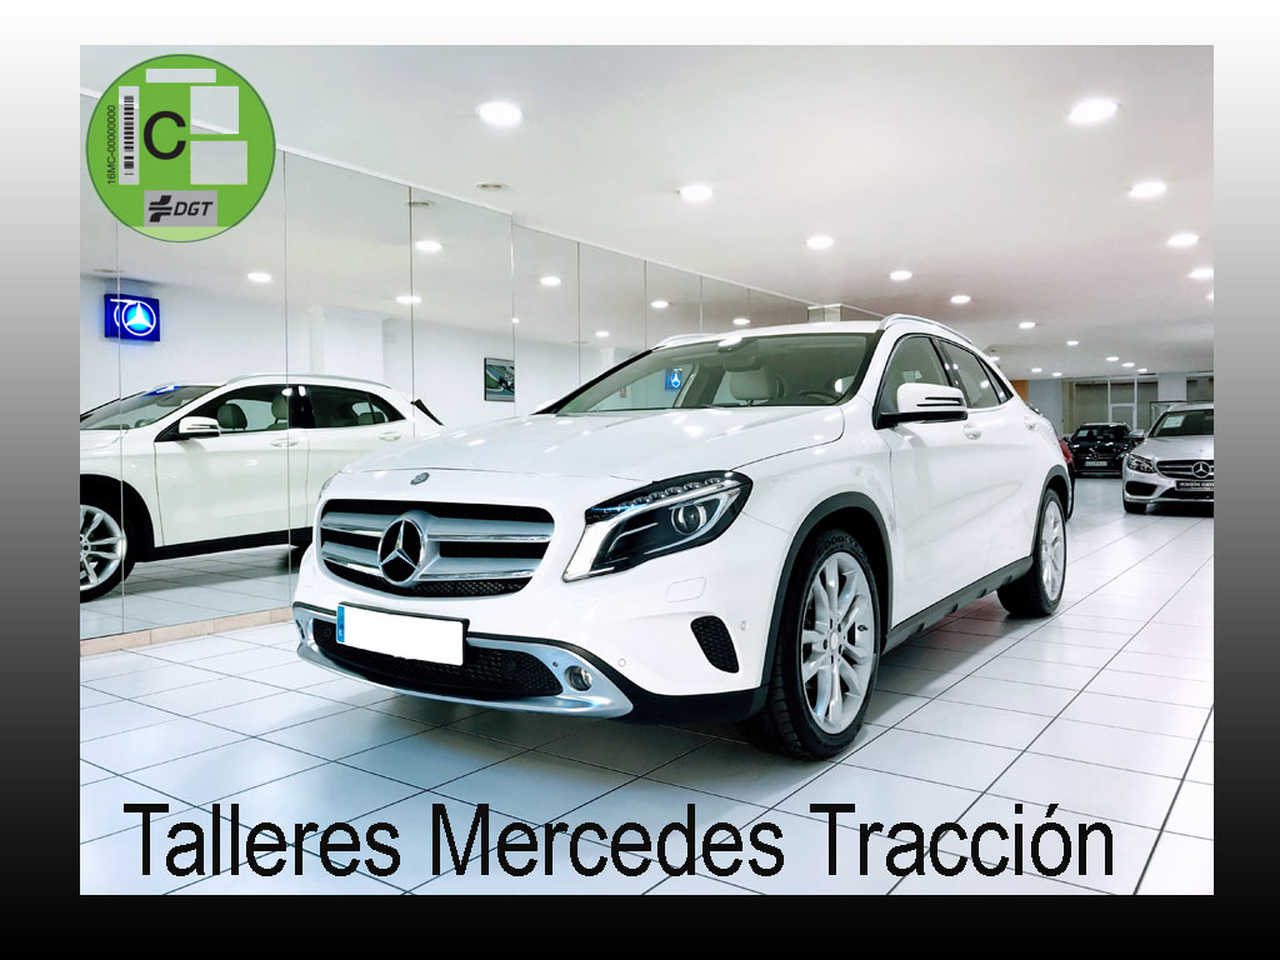 Mercedes GLA 220 CDI  4Matic/Urban/7G-DCT/Navi/Sensores/Cuero   - Foto 1